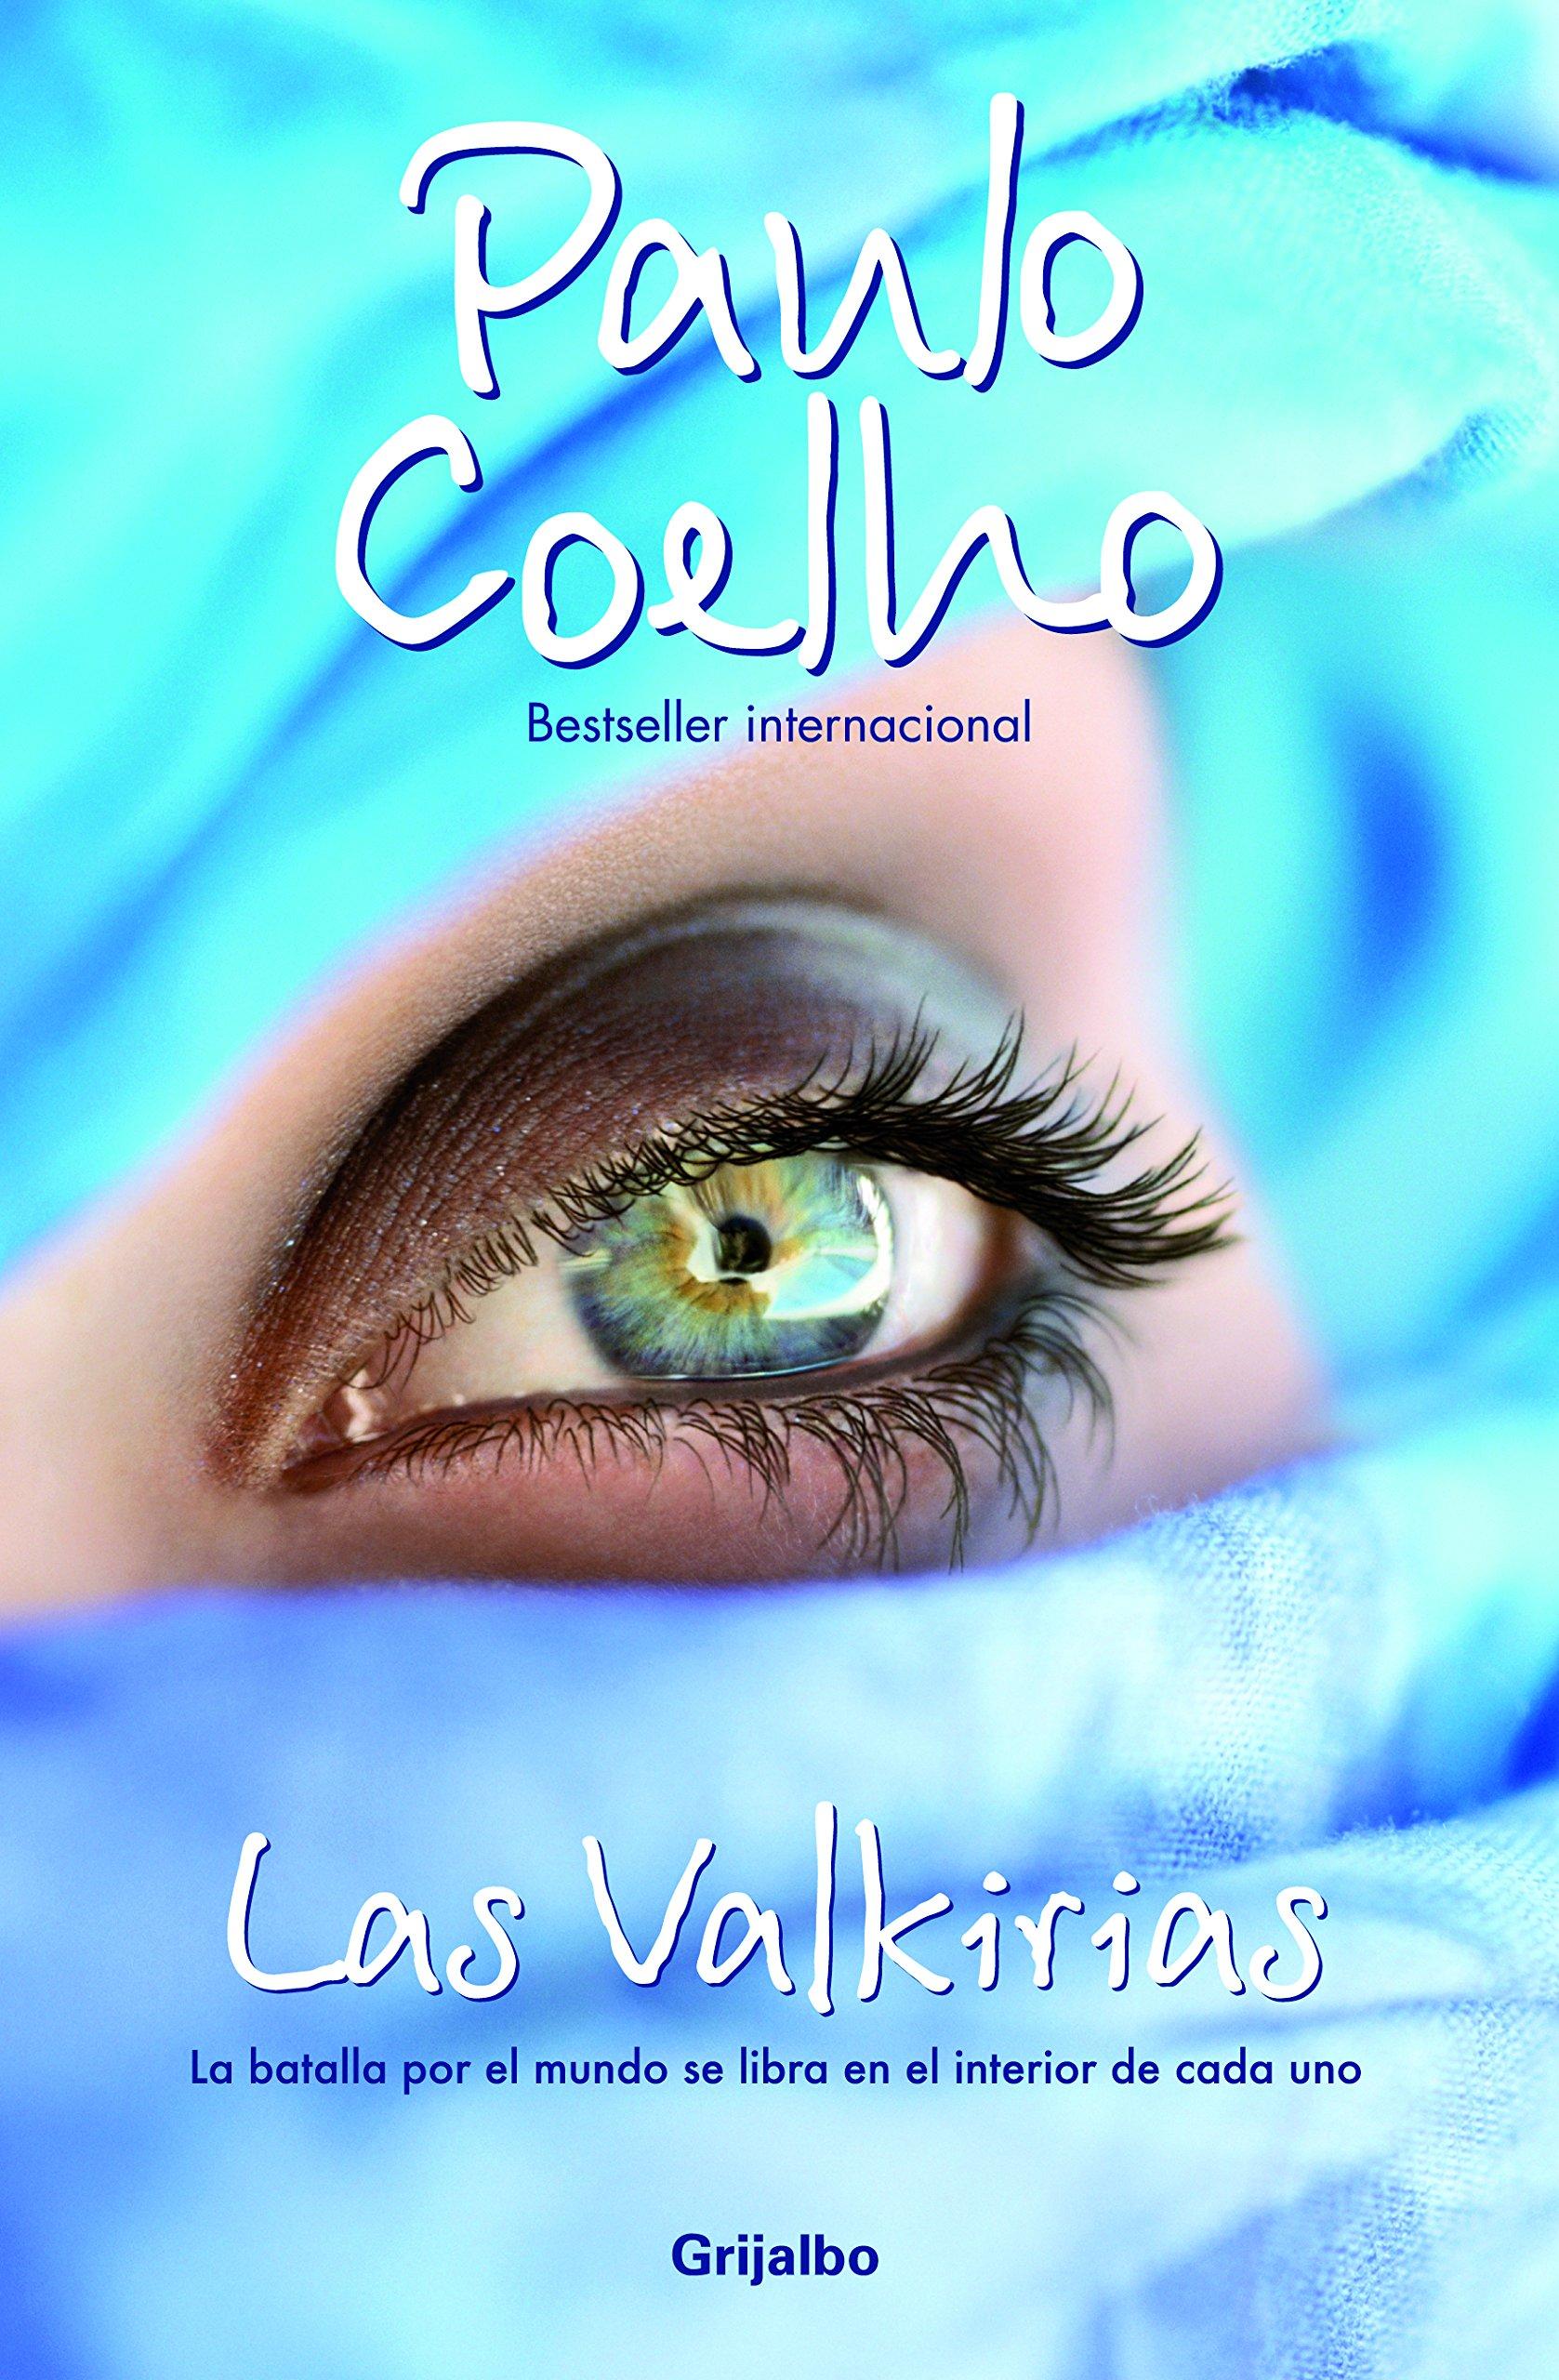 Las valkirias: La batalla por el mundo se libra en el interior de cada uno: Paulo Coelho, Pilar Obon: 9786073100939: Amazon.com: Books